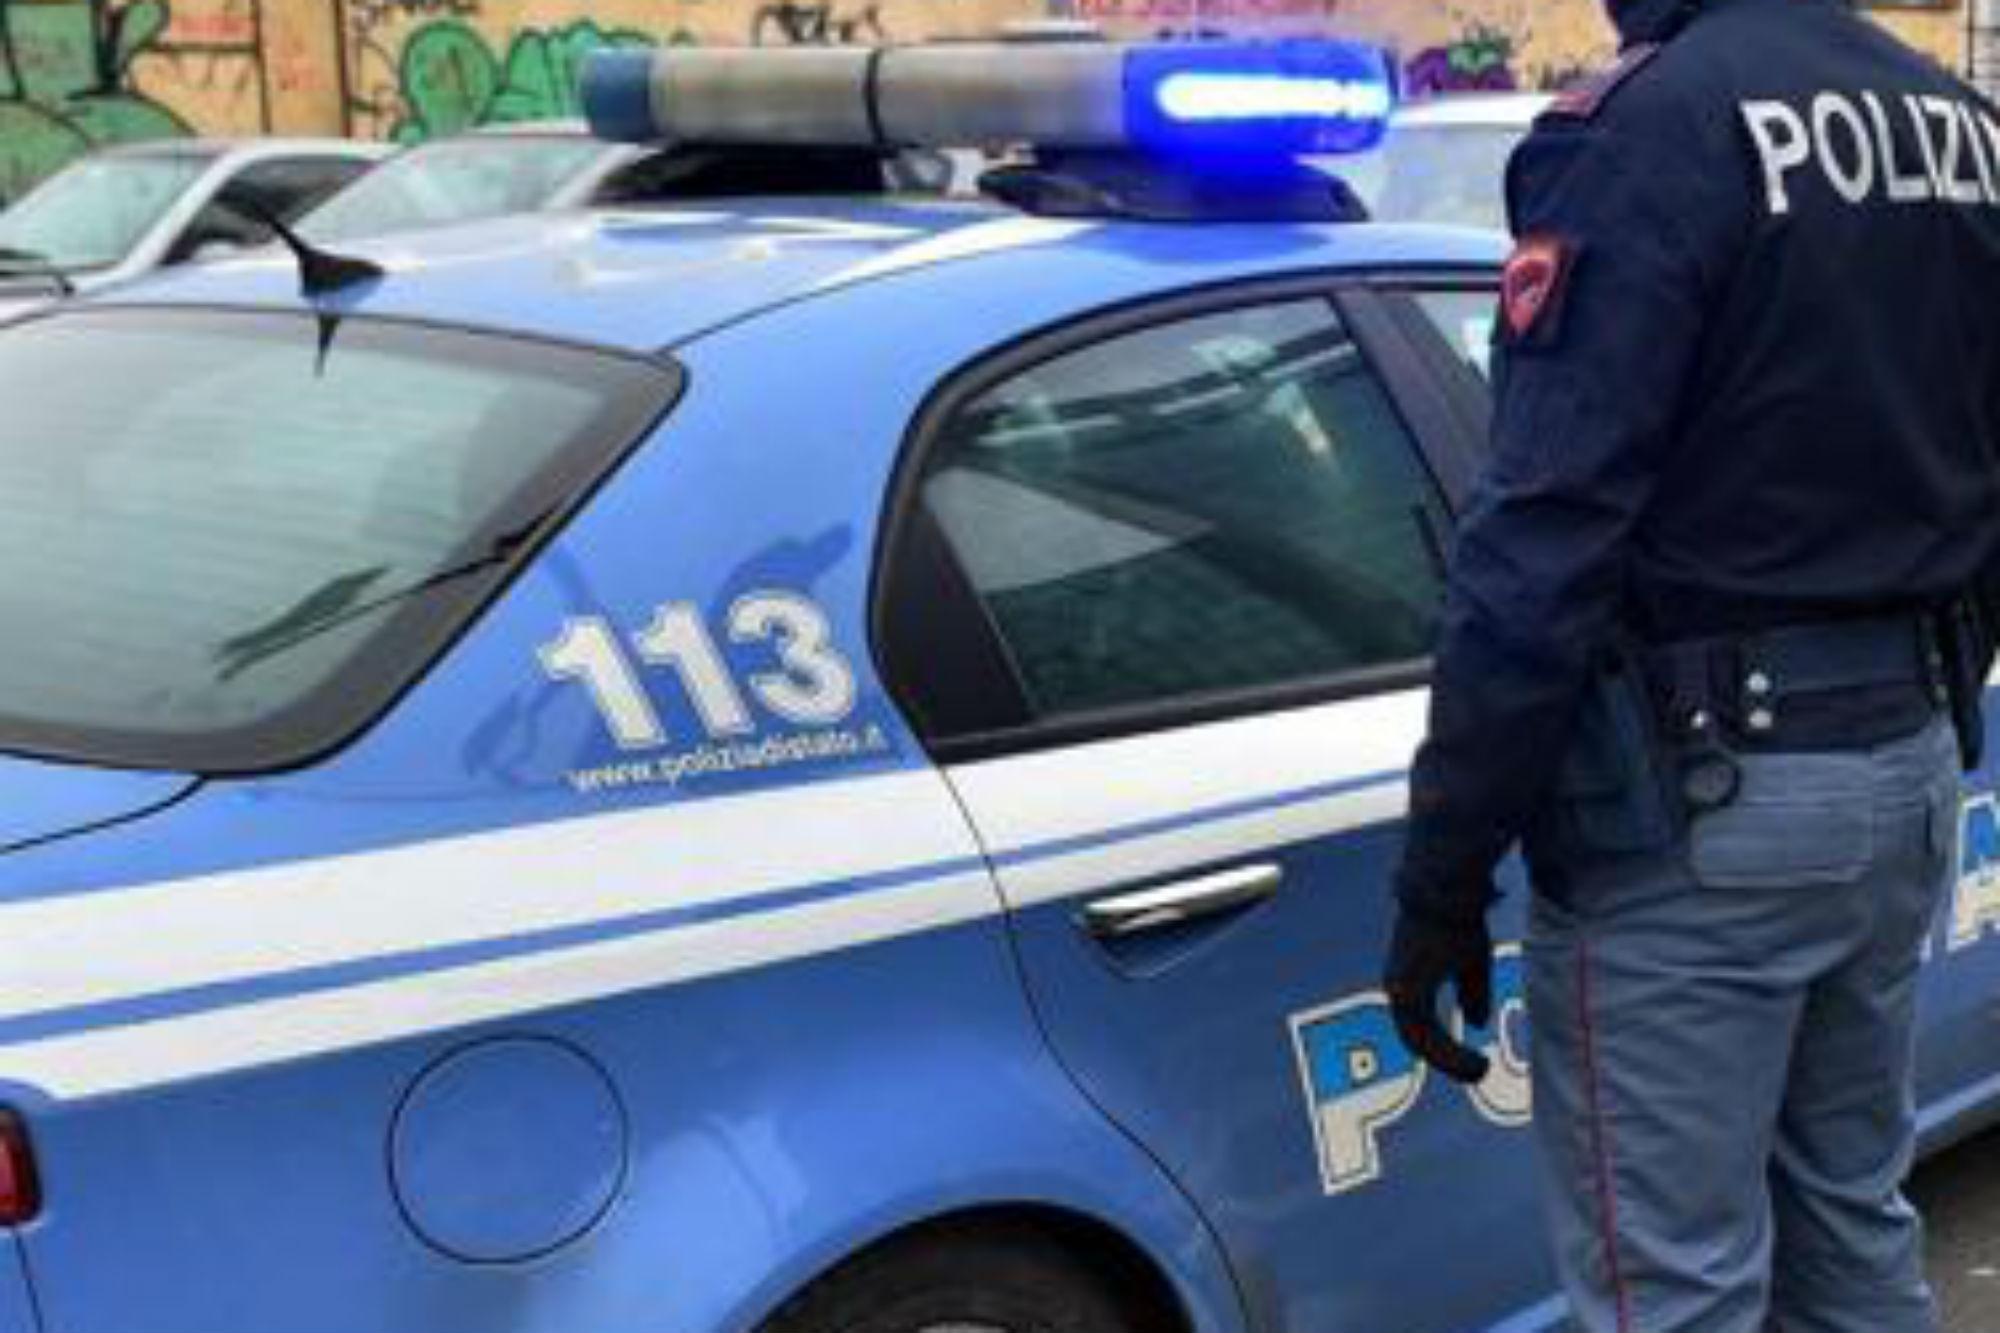 Report consuntivo dell'attività svolta dalla Polizia in Provincia di Trapani dal 25 febbraio al 2 marzo